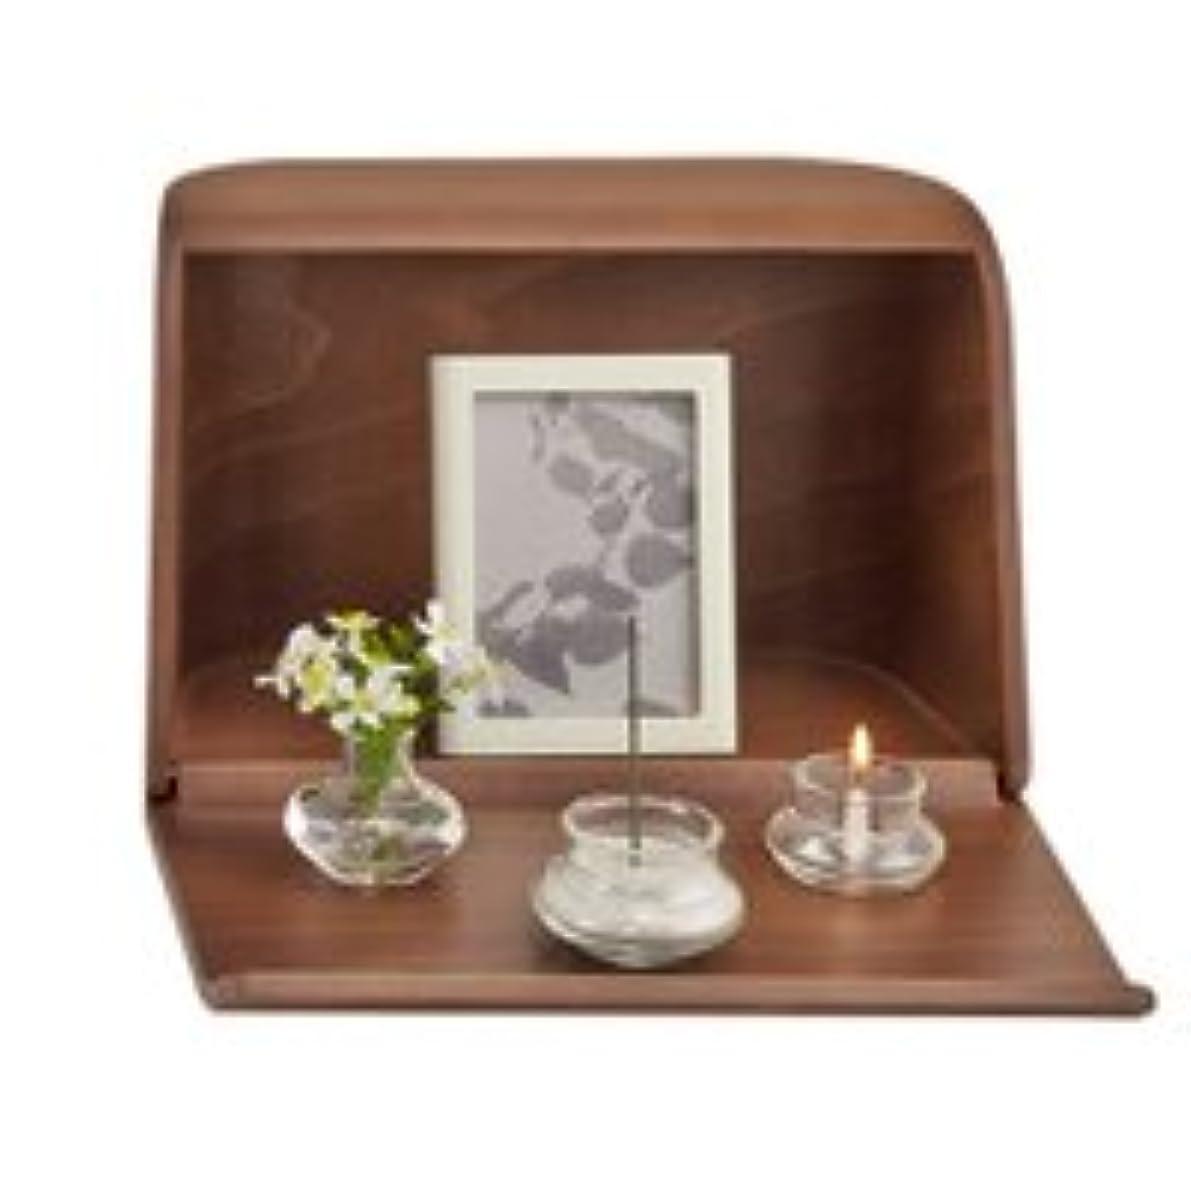 試用役割インスタンスやさしい時間祈りの手箱ブラウン × 2個セット